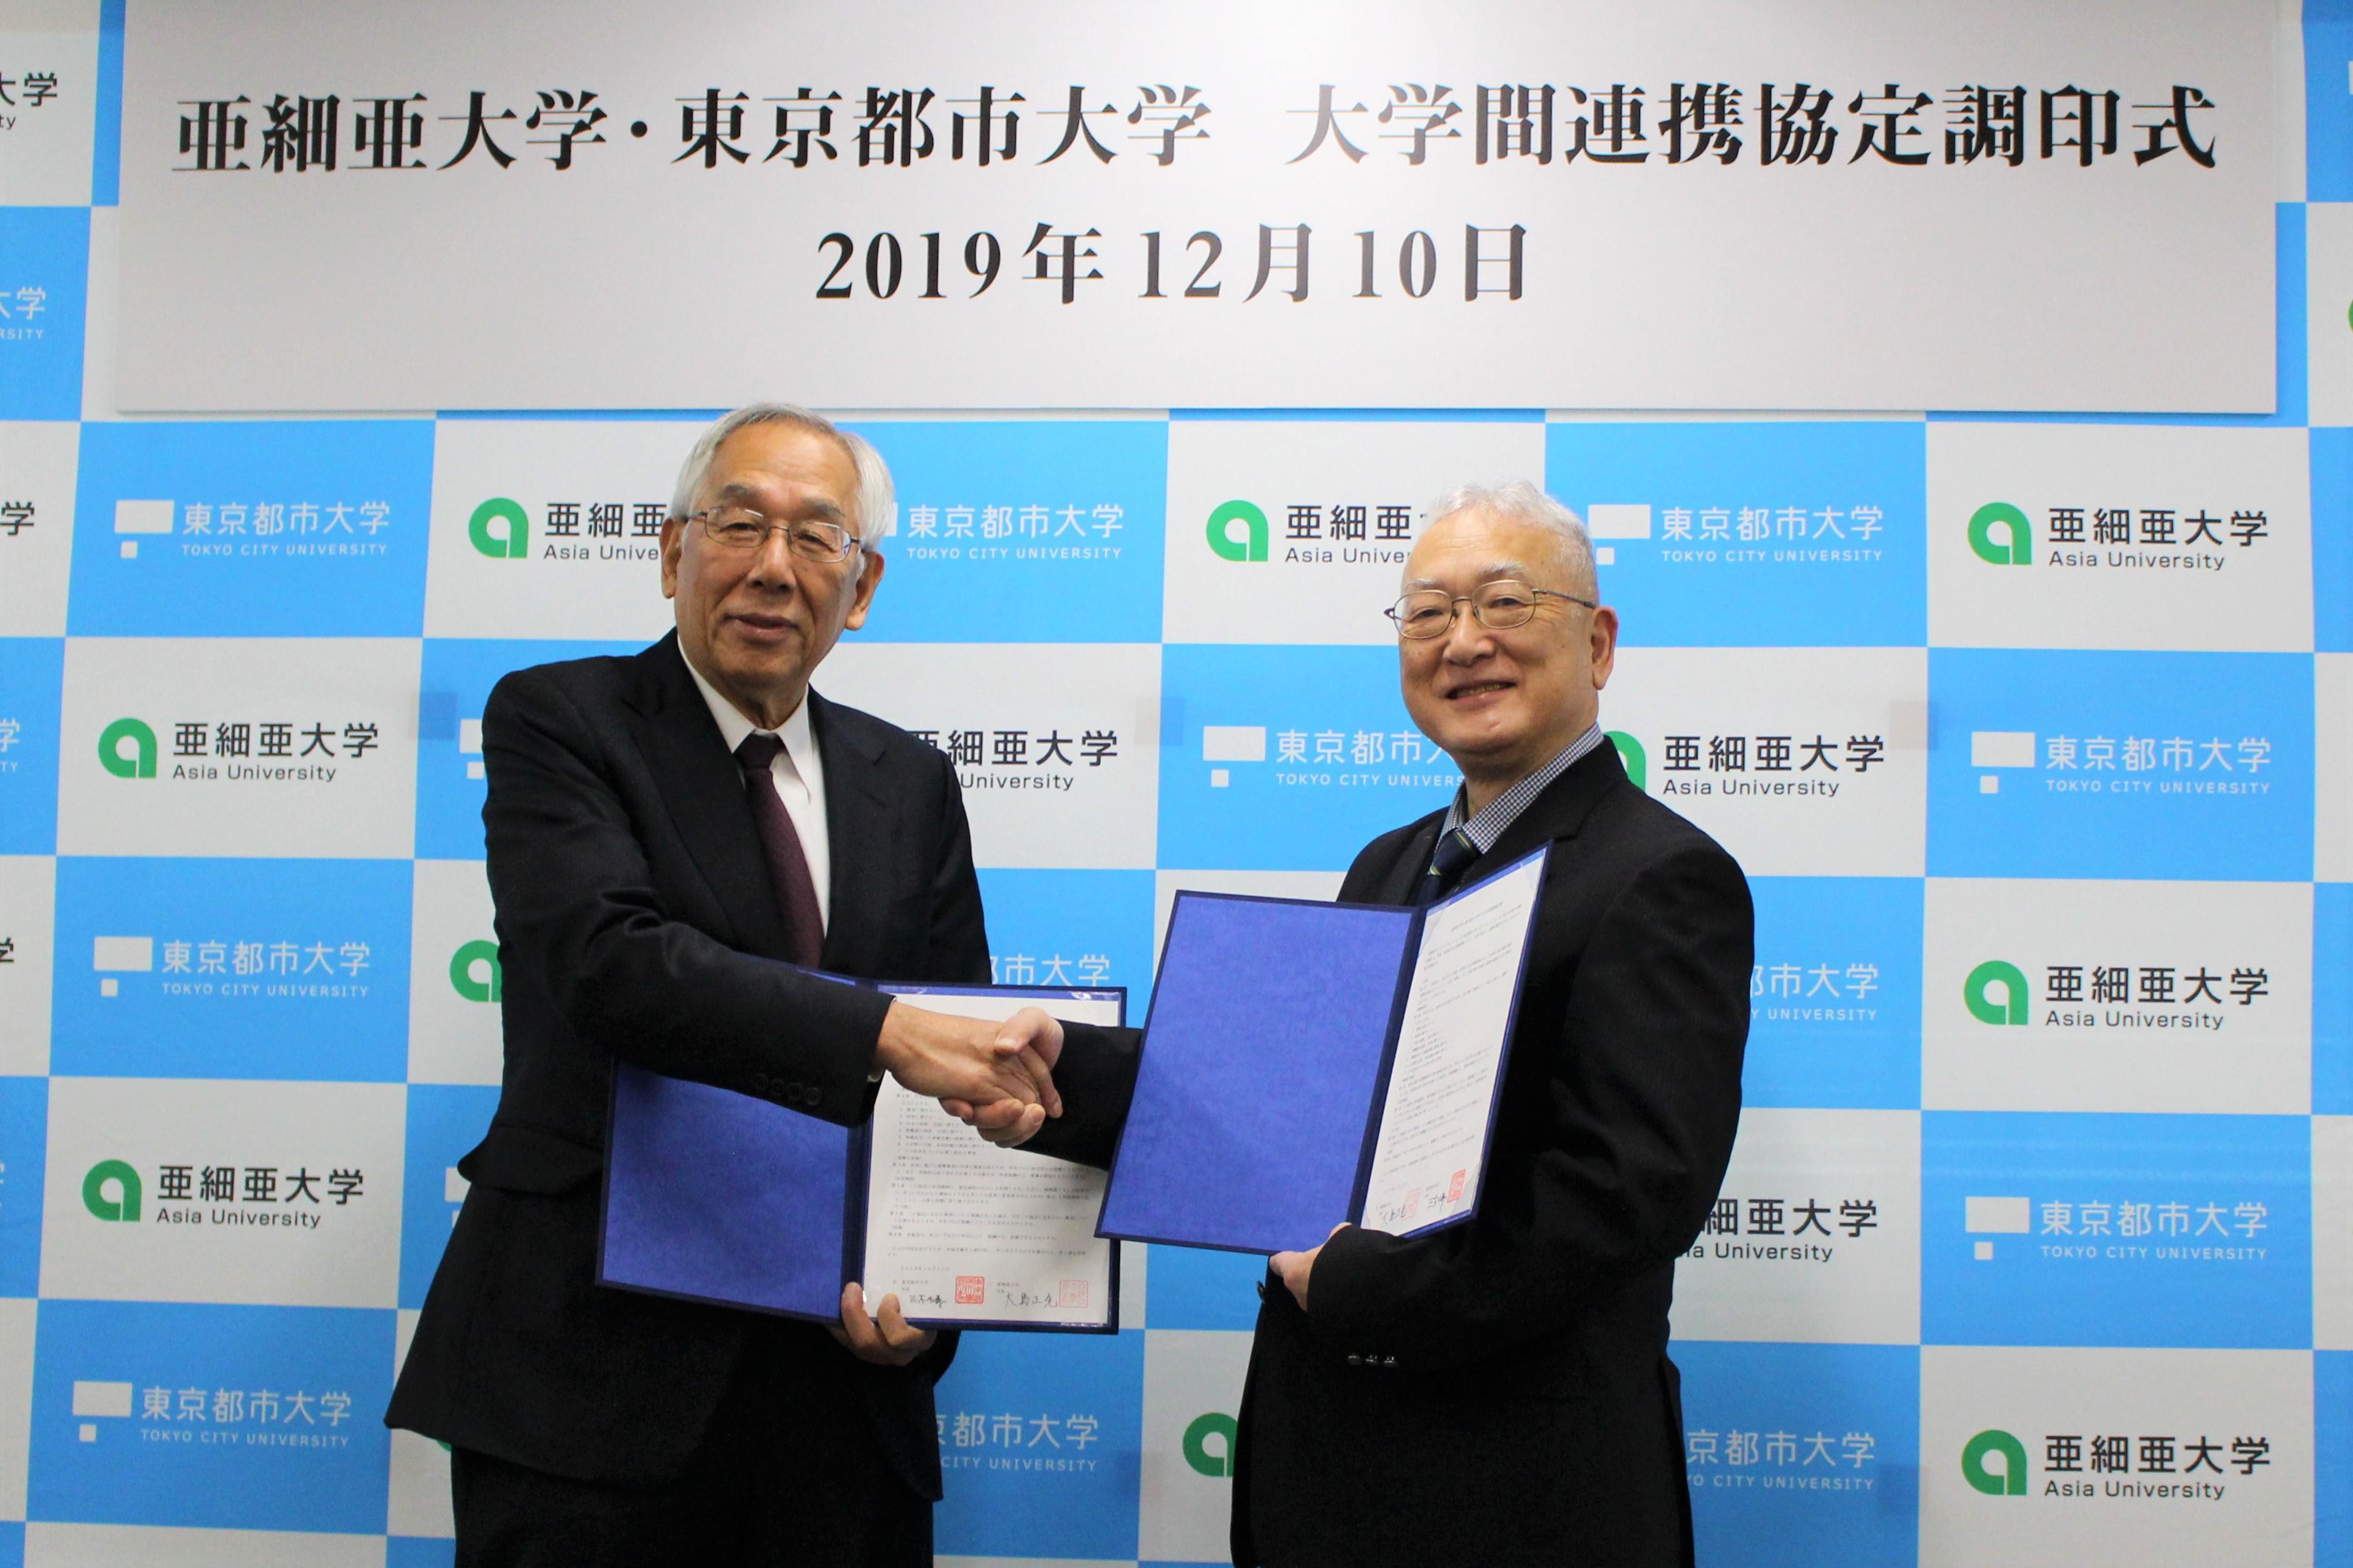 亜細亜大学と東京都市大学が連携協定を締結 -- 教育や研究、社会貢献活動などで協力